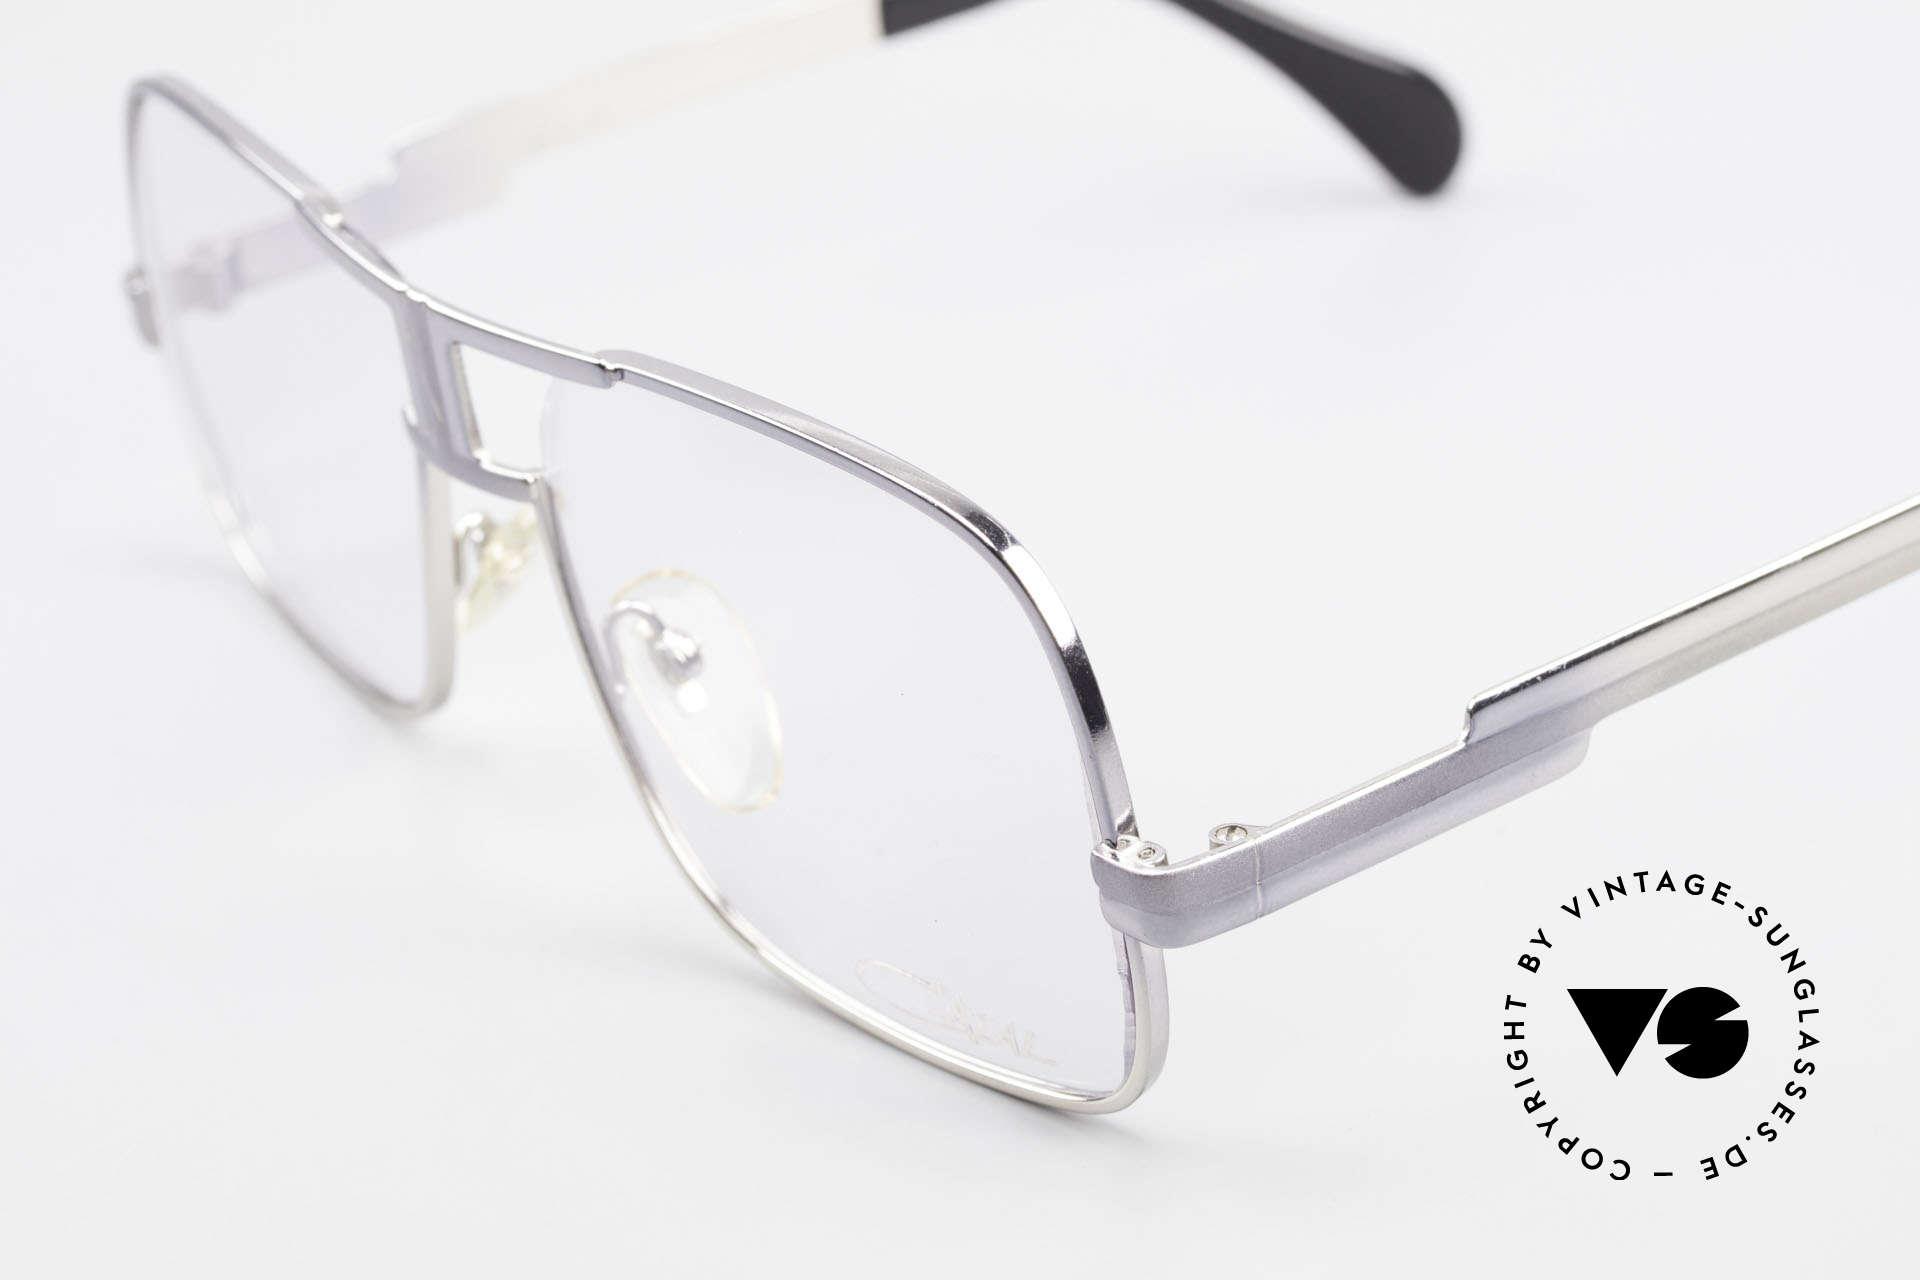 Cazal 701 Ultra Seltene Cazal 70er Brille, Top-Qualität: gemacht, um ein Leben lang zu halten, Passend für Herren